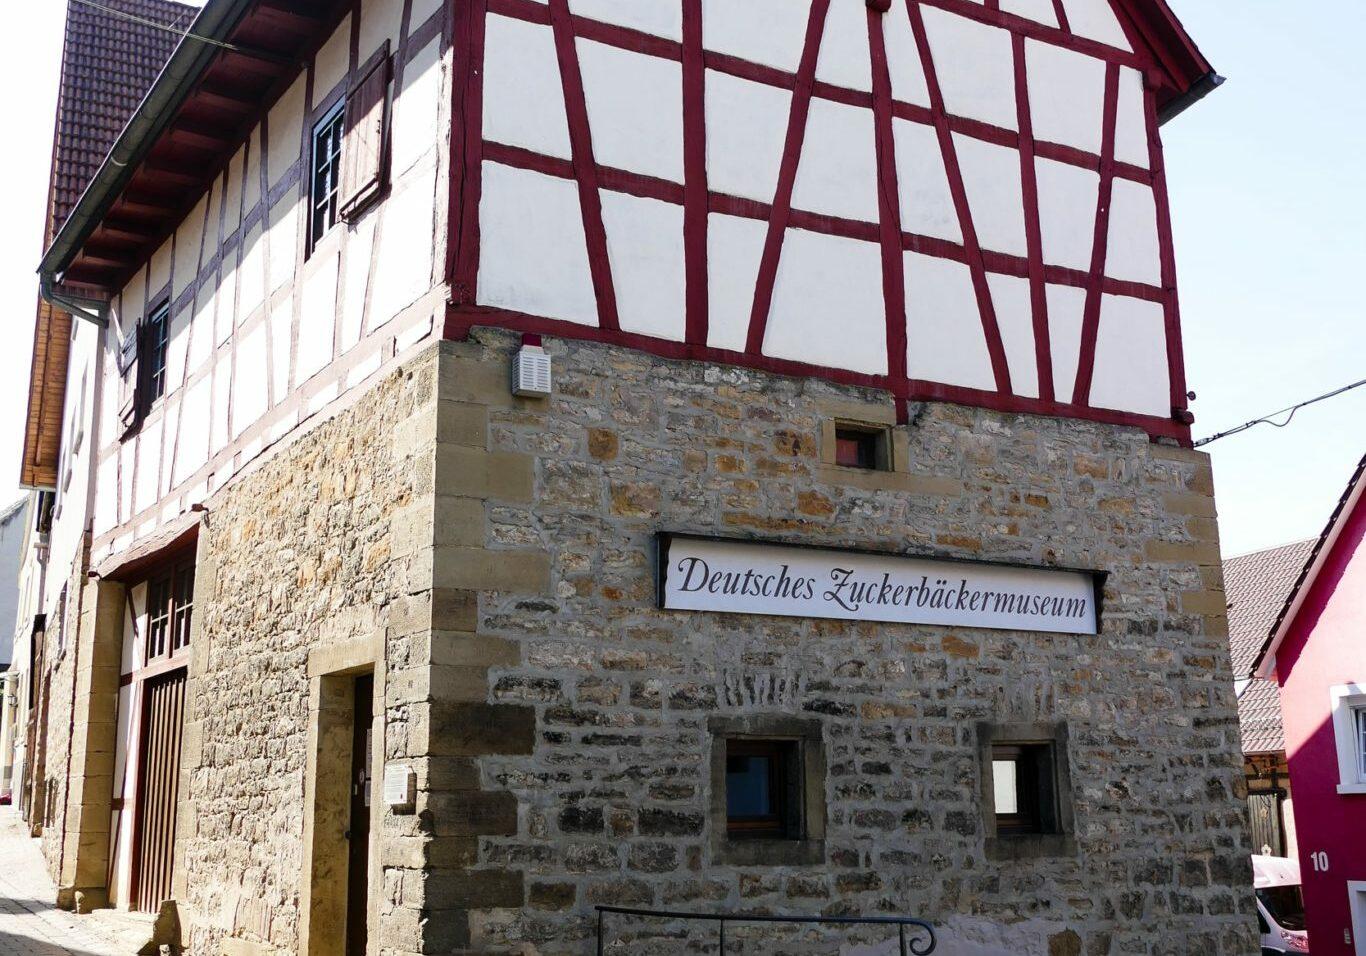 heimat_museumsverein_kraichtal-37-min